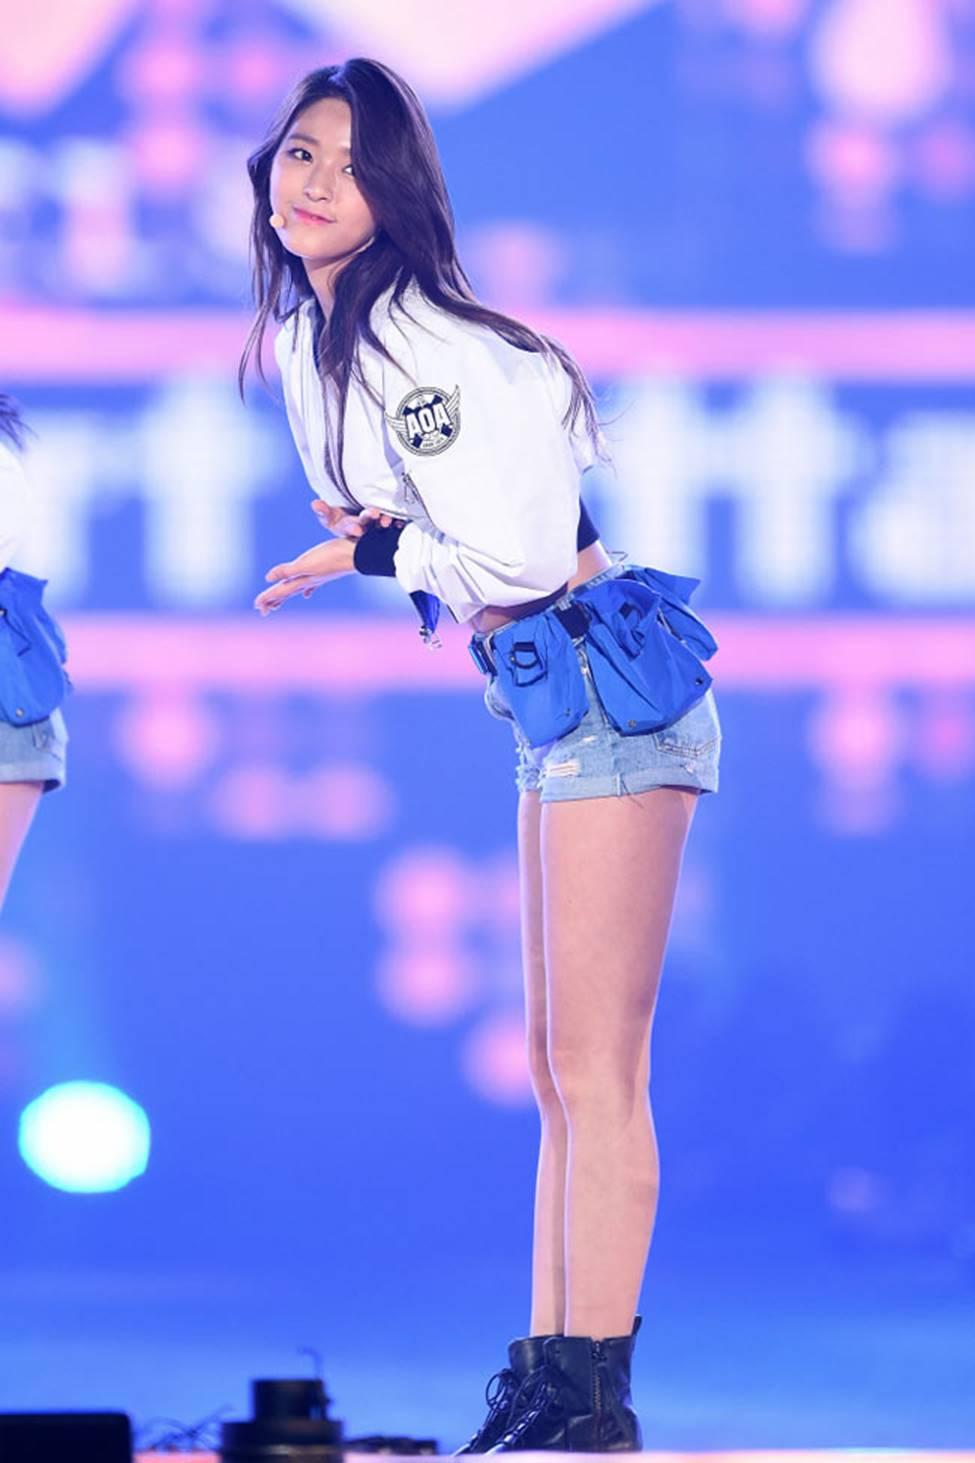 Mỹ nhân Hàn có thân hình quyến rũ tới mức phát khổ vì bị đàn ông theo đuổi-8